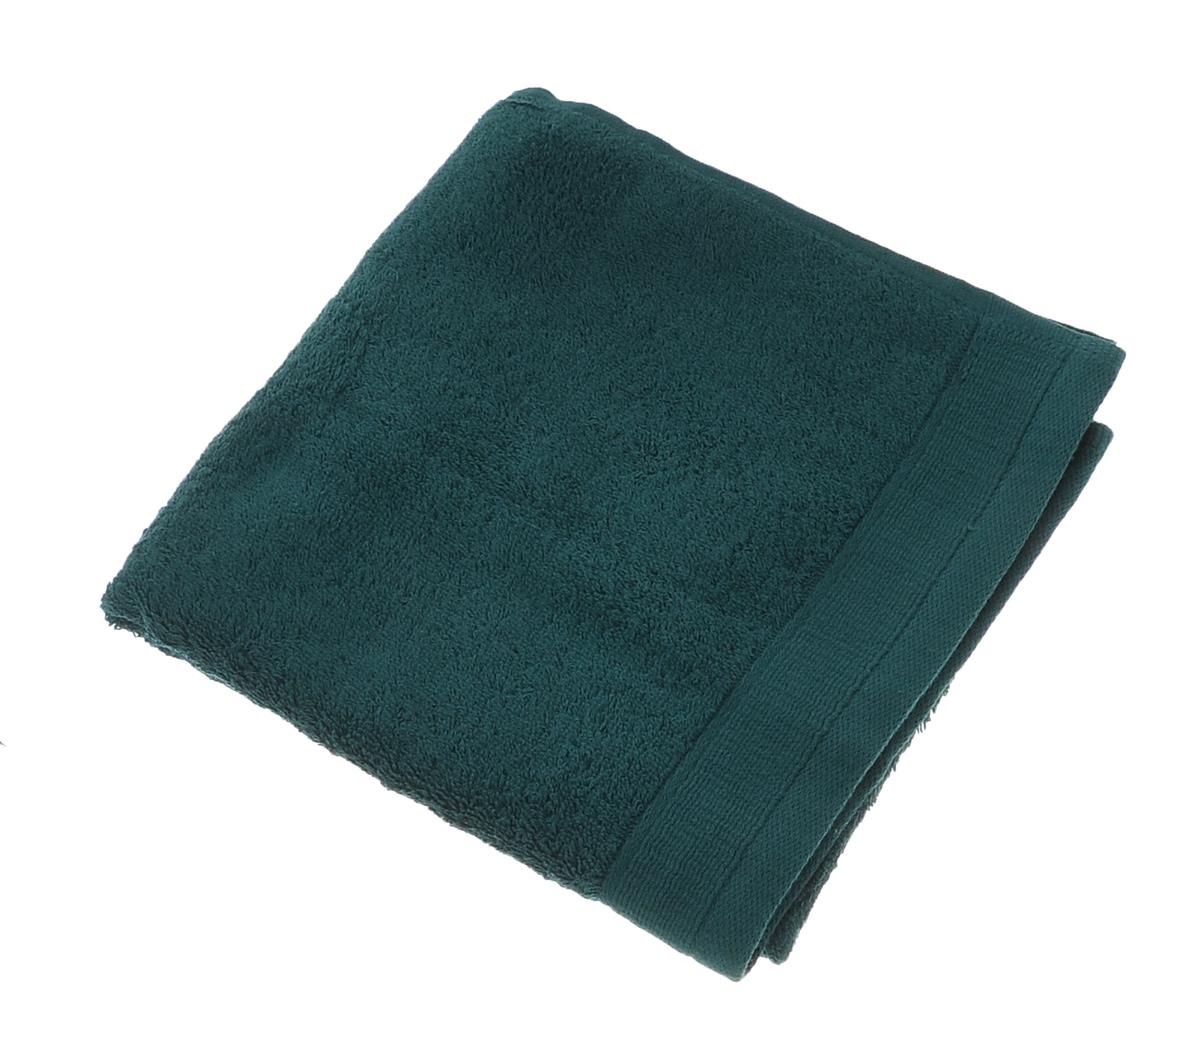 Полотенце махровое Guten Morgen, цвет: темно-зеленый, 50 см х 100 смПМиз-50-100Махровое полотенце Guten Morgen, изготовленное из натурального хлопка, прекрасно впитывает влагу и быстро сохнет. Высокая плотность ткани делает полотенце мягкими, прочными и пушистыми. При соблюдении рекомендаций по уходу изделие сохраняет яркость цвета и не теряет форму даже после многократных стирок. Махровое полотенце Guten Morgen станет достойным выбором для вас и приятным подарком для ваших близких. Мягкость и высокое качество материала, из которого изготовлено полотенце, не оставит вас равнодушными.